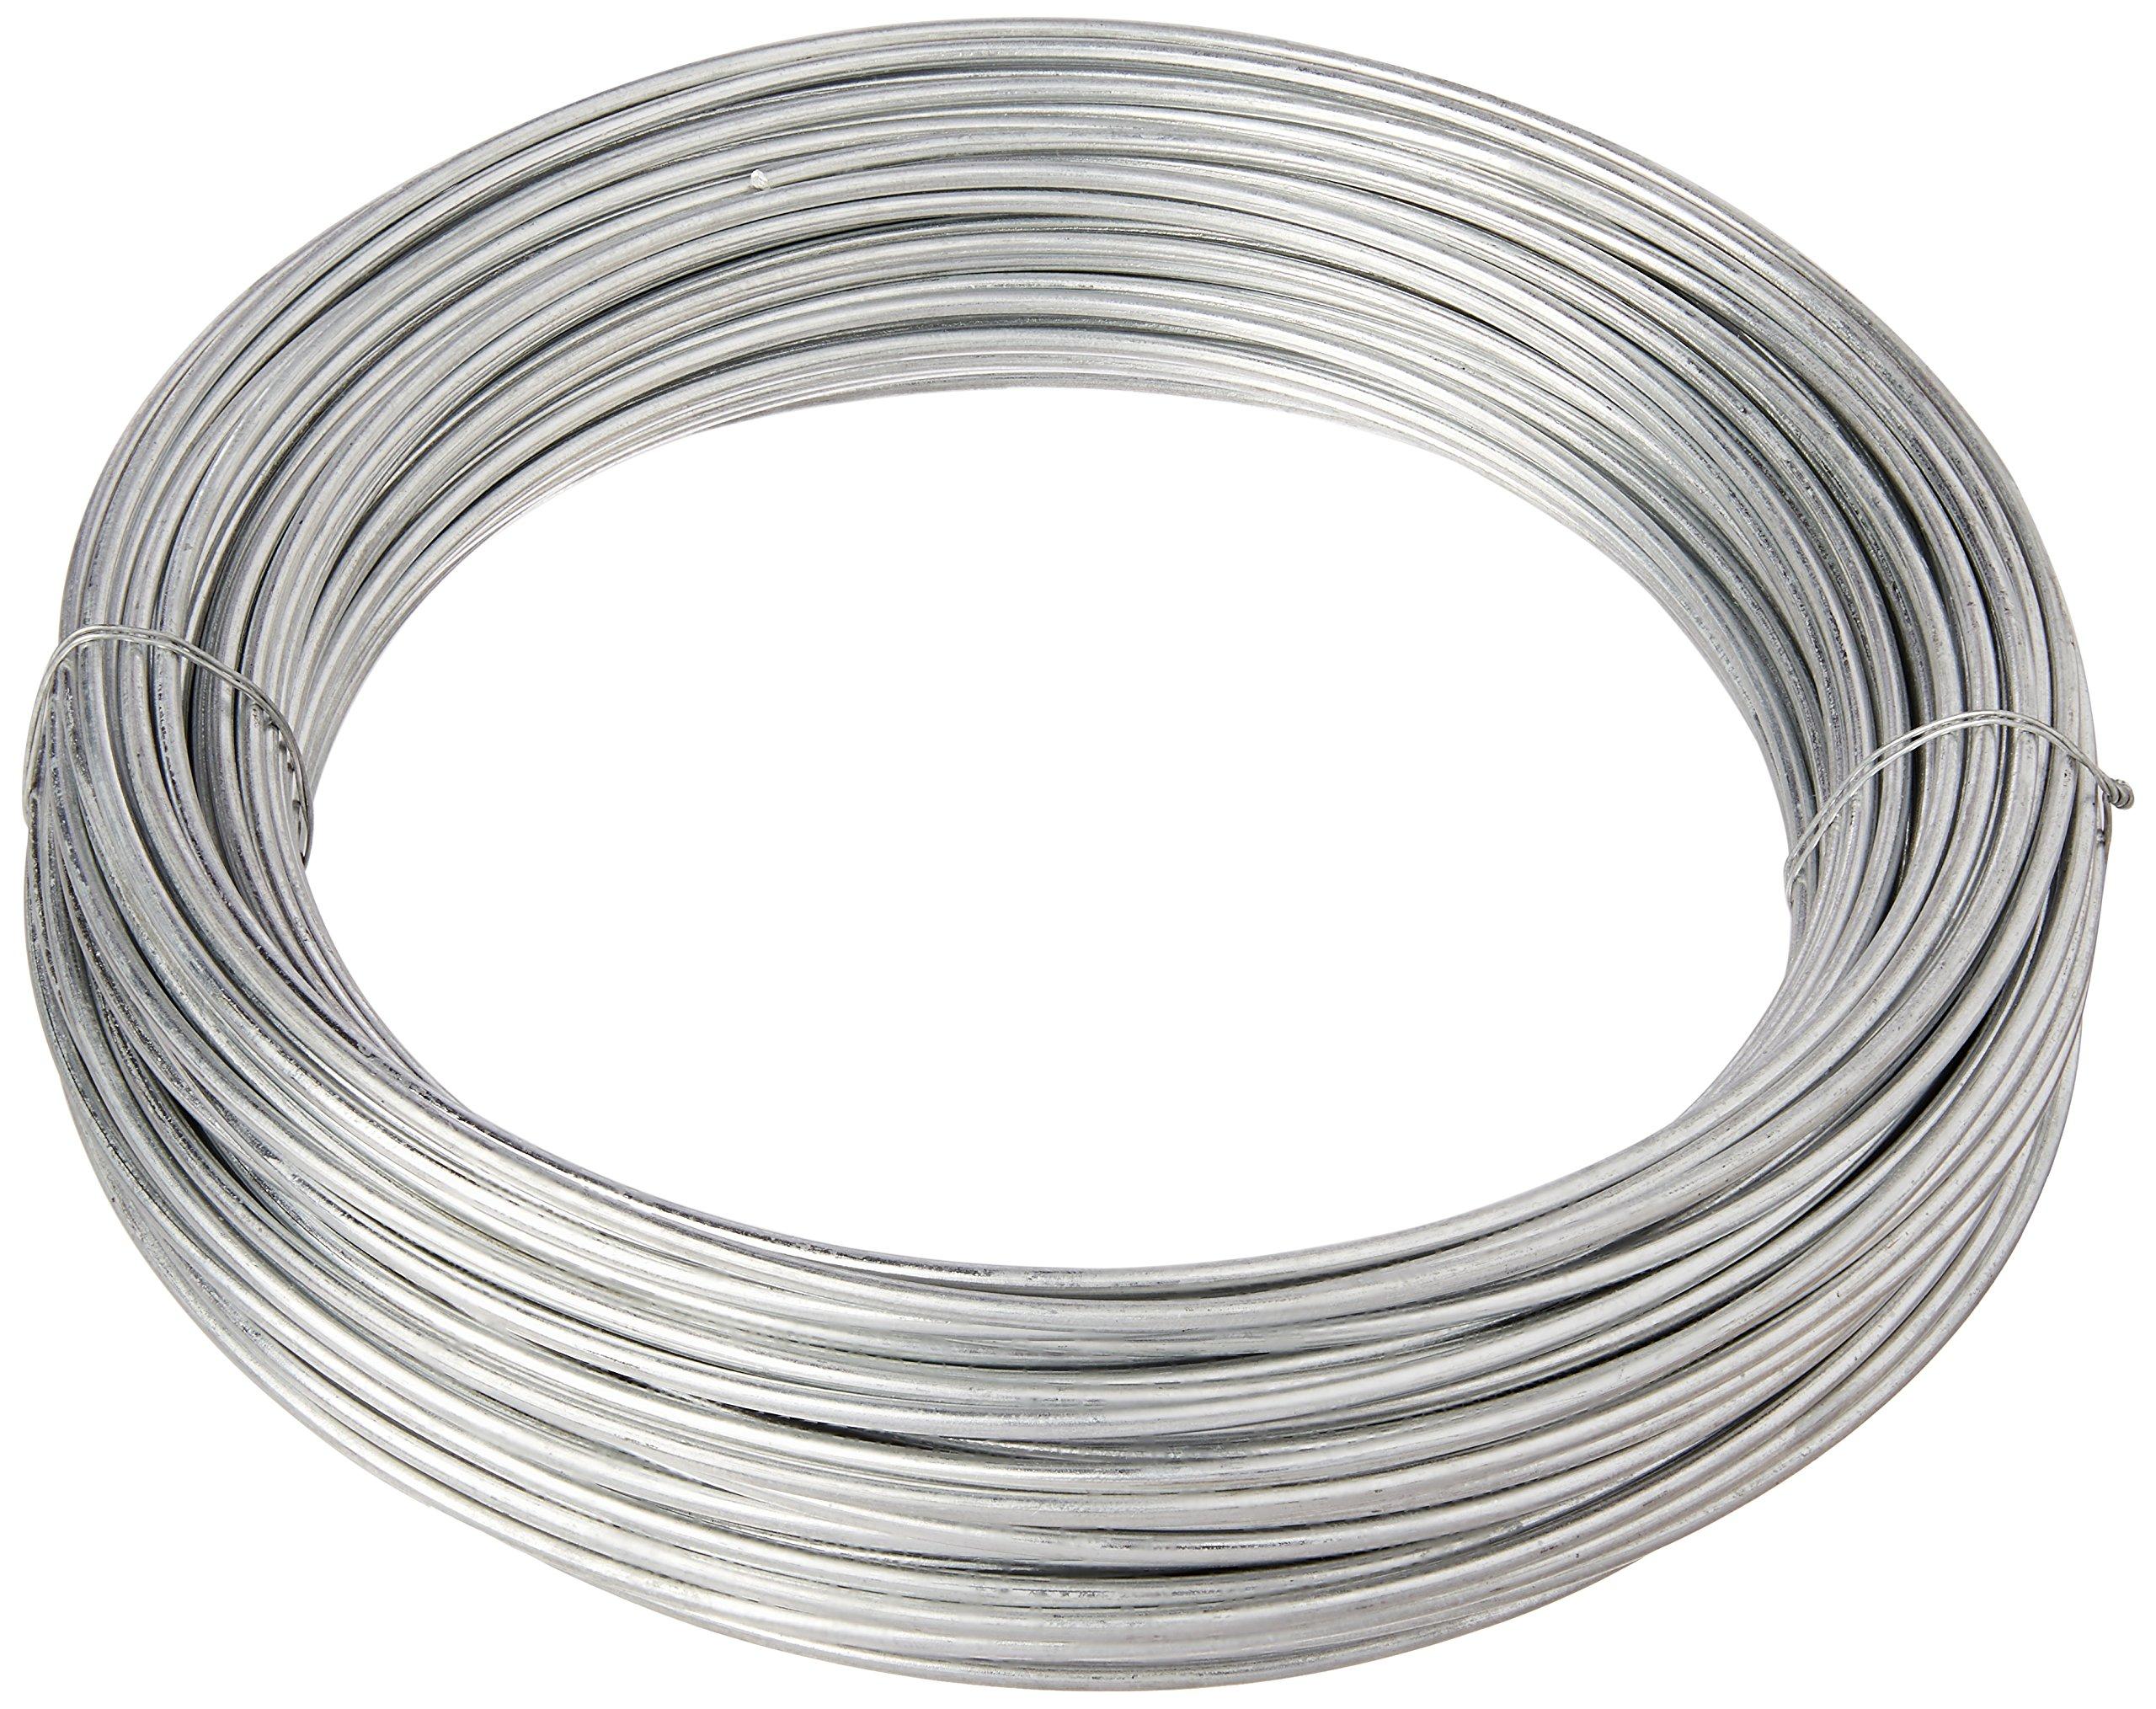 HILLMAN FASTENERS 123174 9 Gauge Smooth Wire, 170'